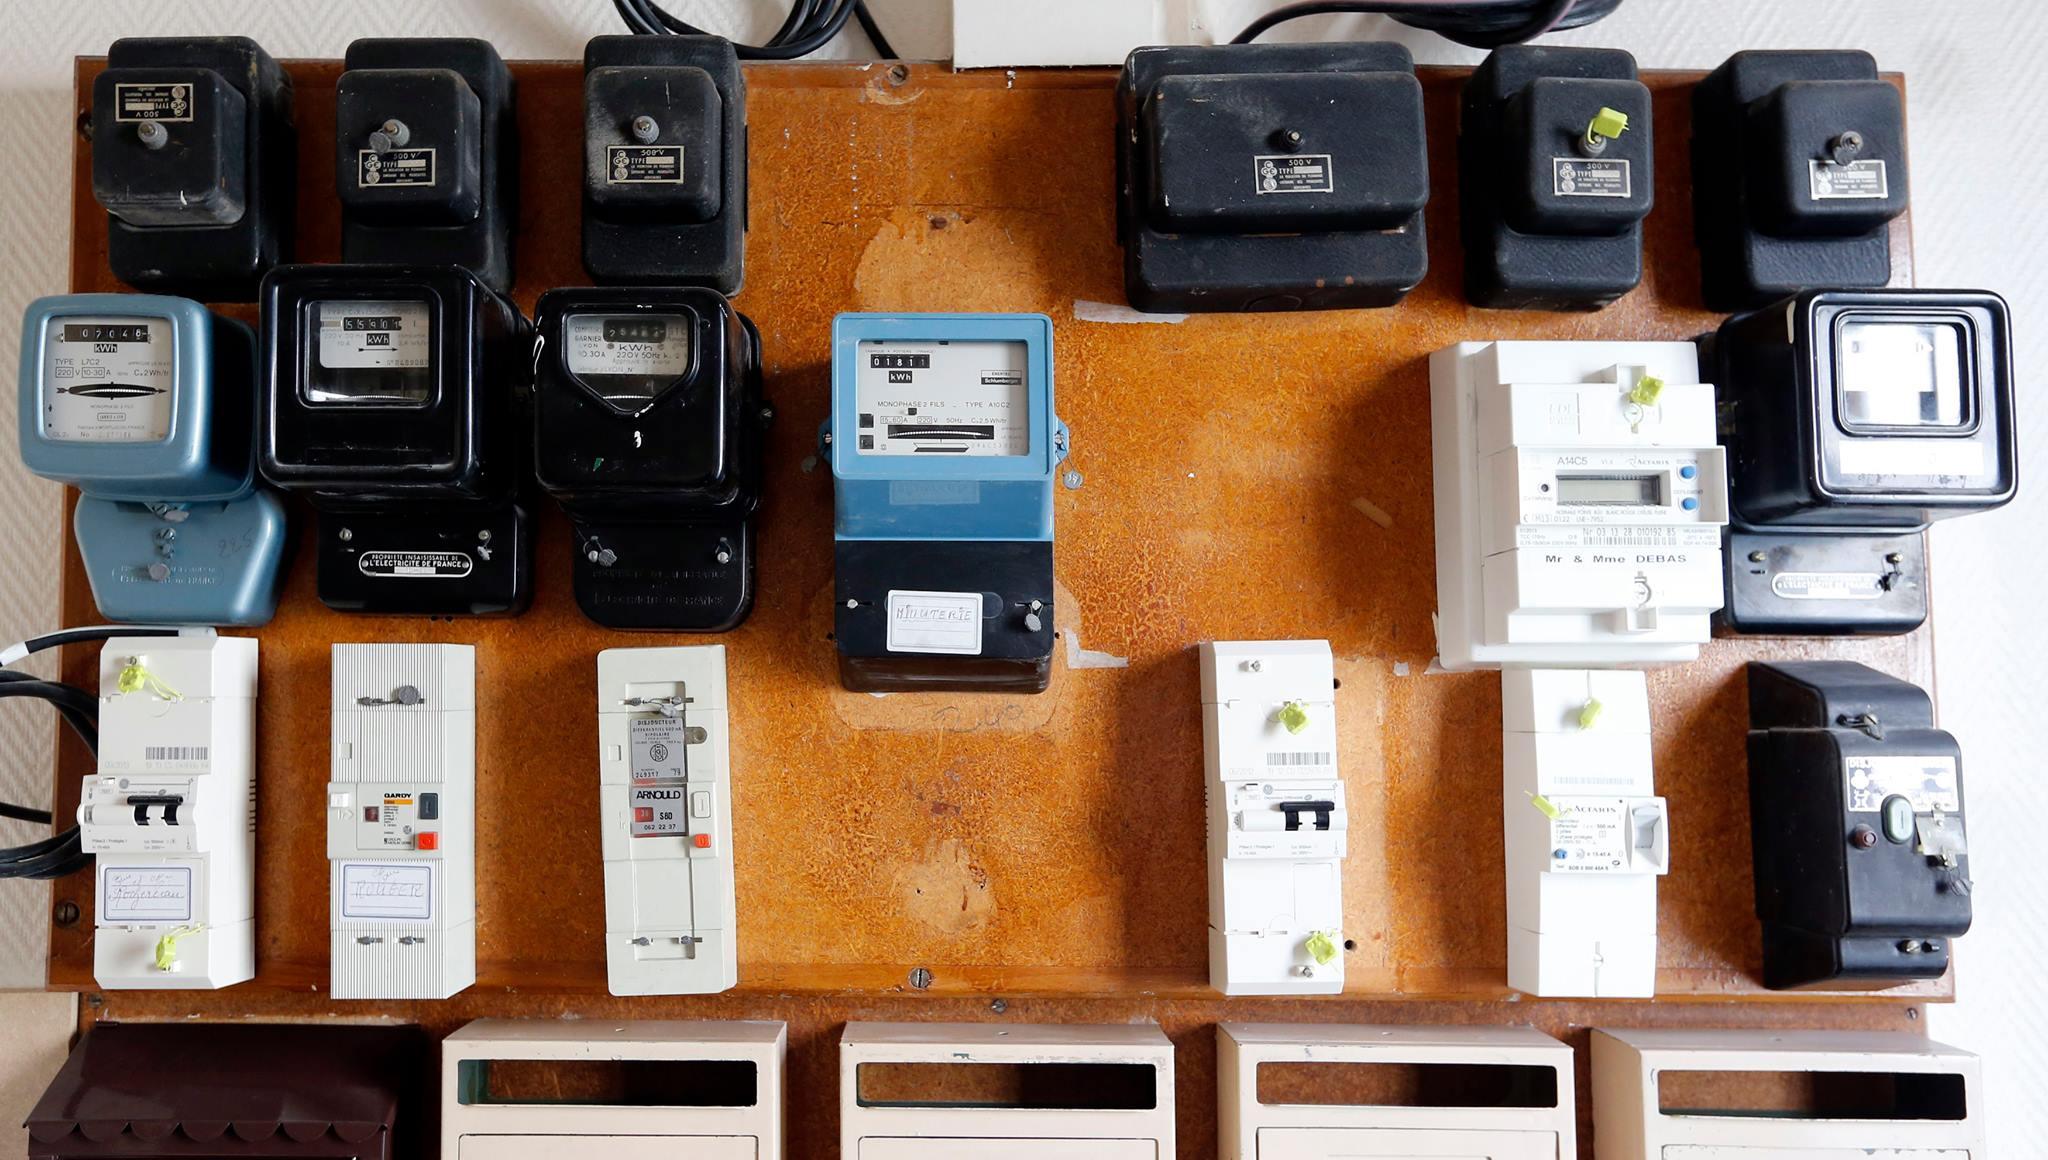 وزارة الكهرباء: إستراتيجية لتحويل مصر إلى العدادات الذكية خلال 10 سنوات